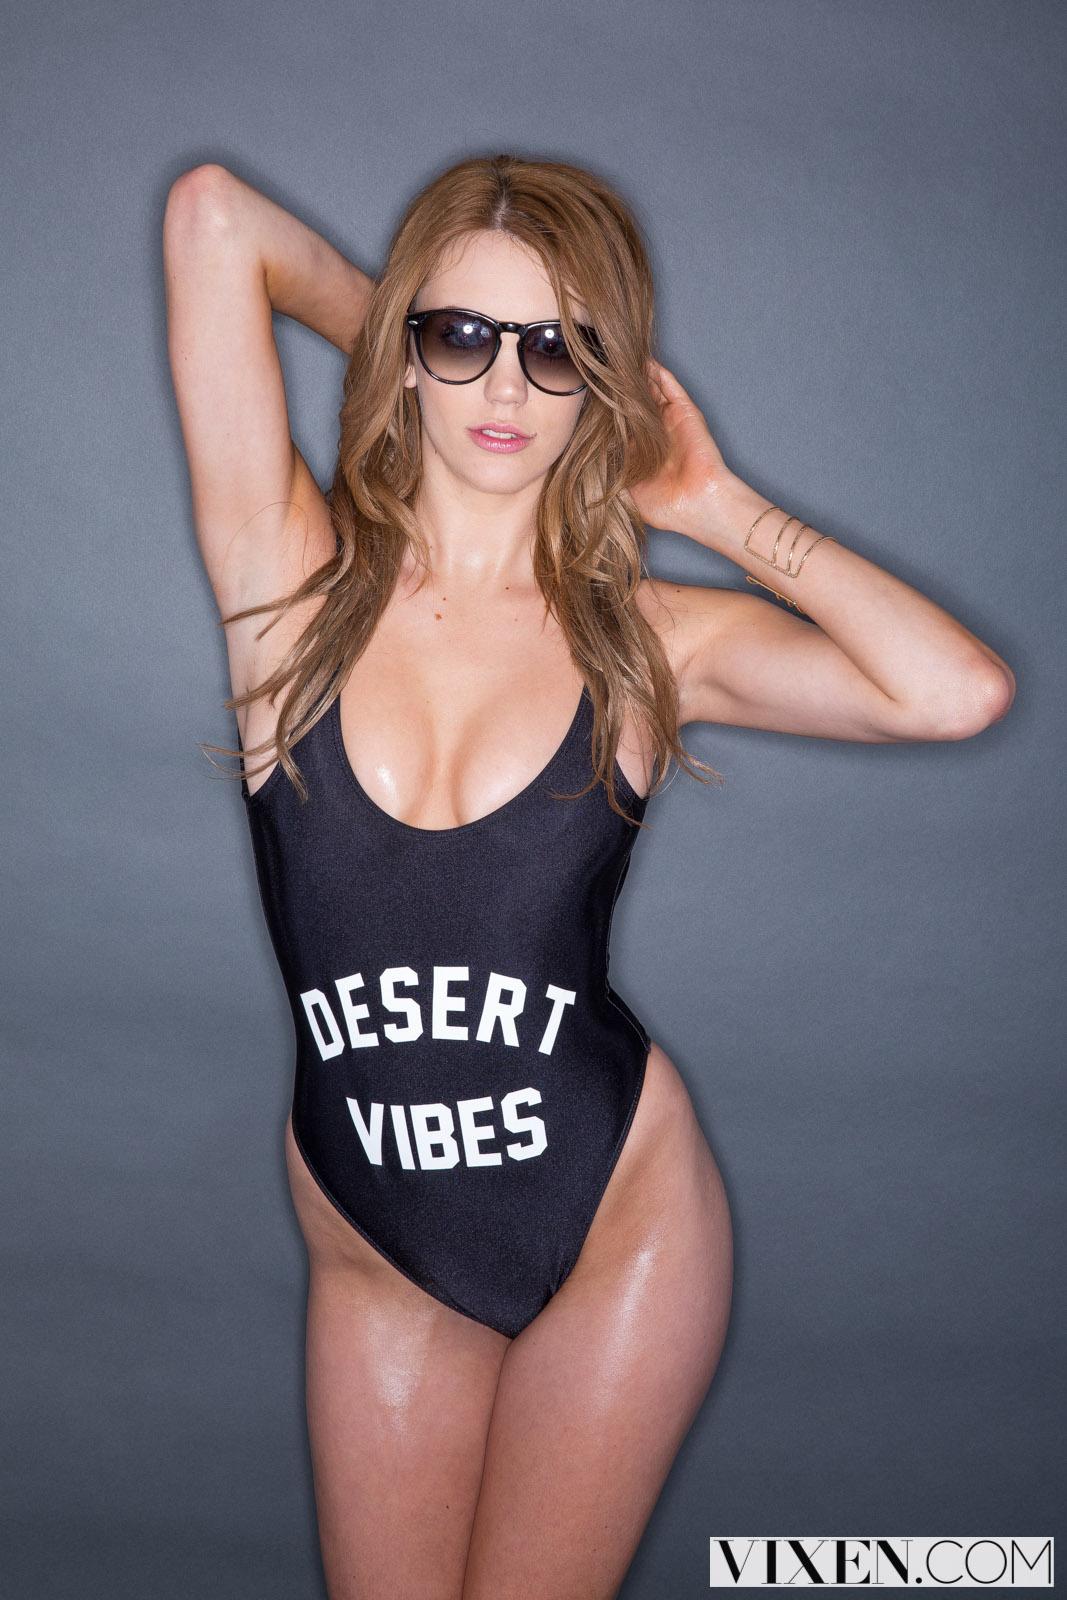 Vixen fashion model blake edens intense sex session 10